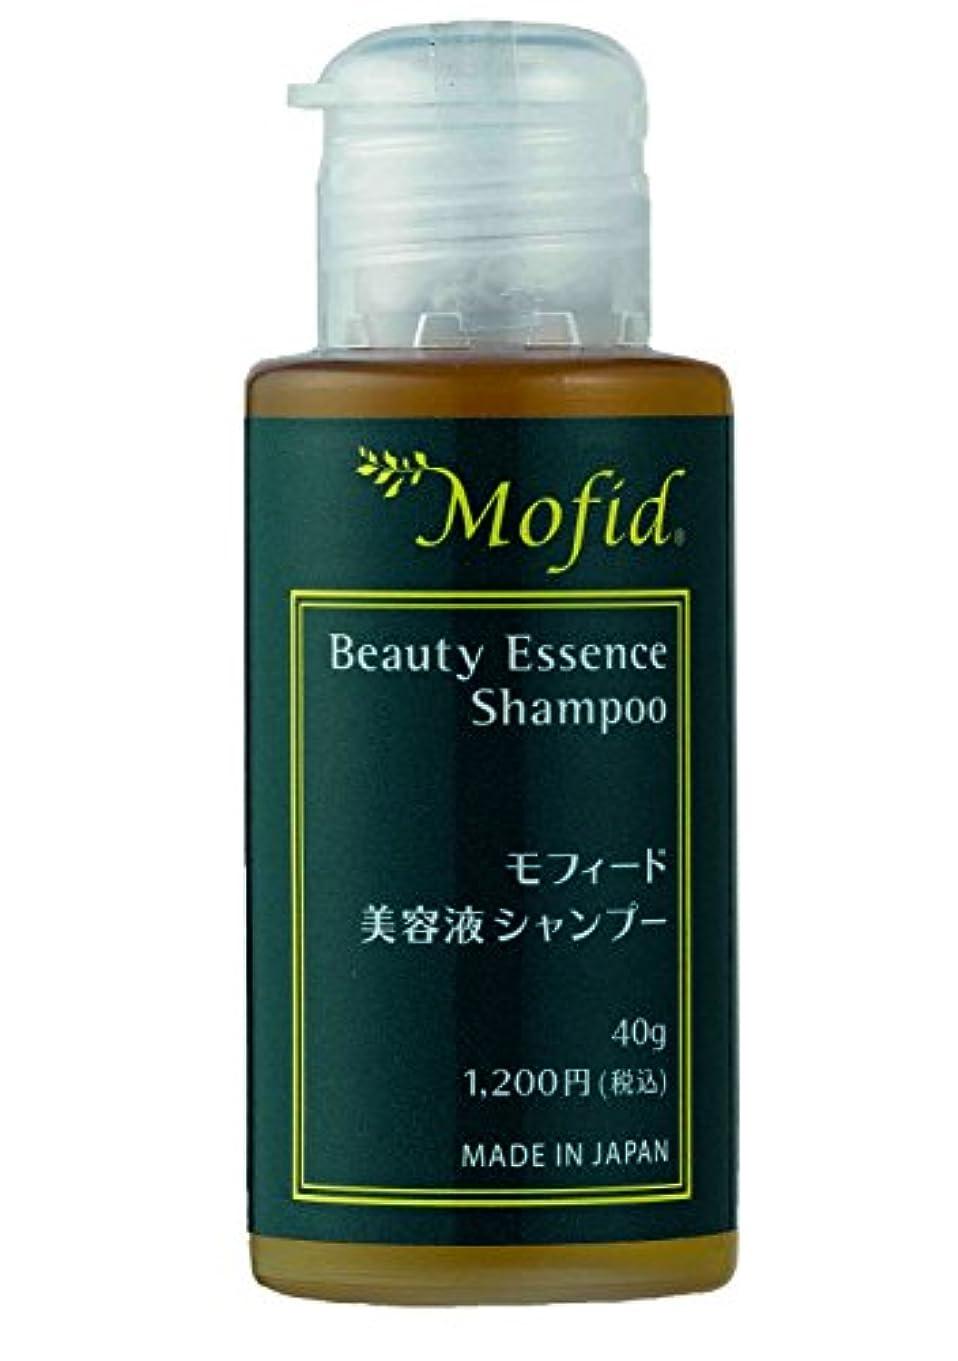 取り戻す絶えずのみ日本製 モフィード 美容液 シャンプー 40g 【ハラル Halal 認証 シャンプー】 Mofid Beauty Serum Shampoo